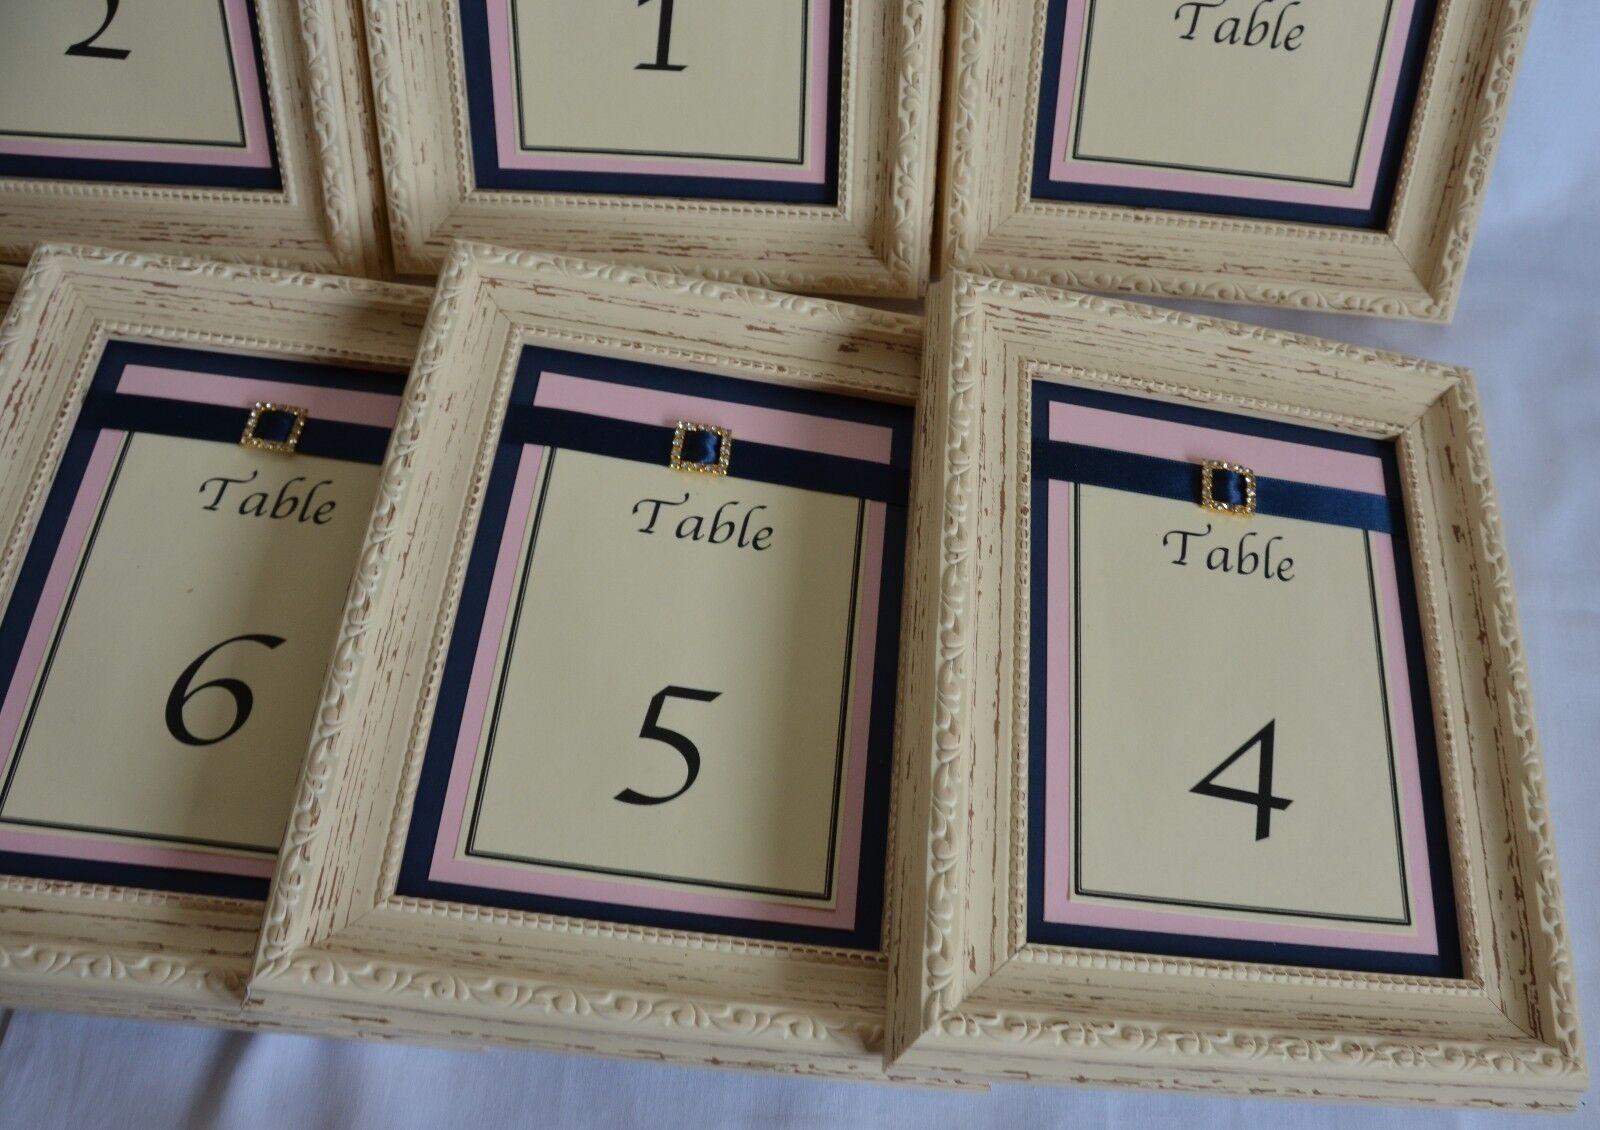 Festa di nozze centro tavola pezzi Rustico Esclusiva numeri numeri numeri su misura parte superiore della tabella 1 - 8 455651